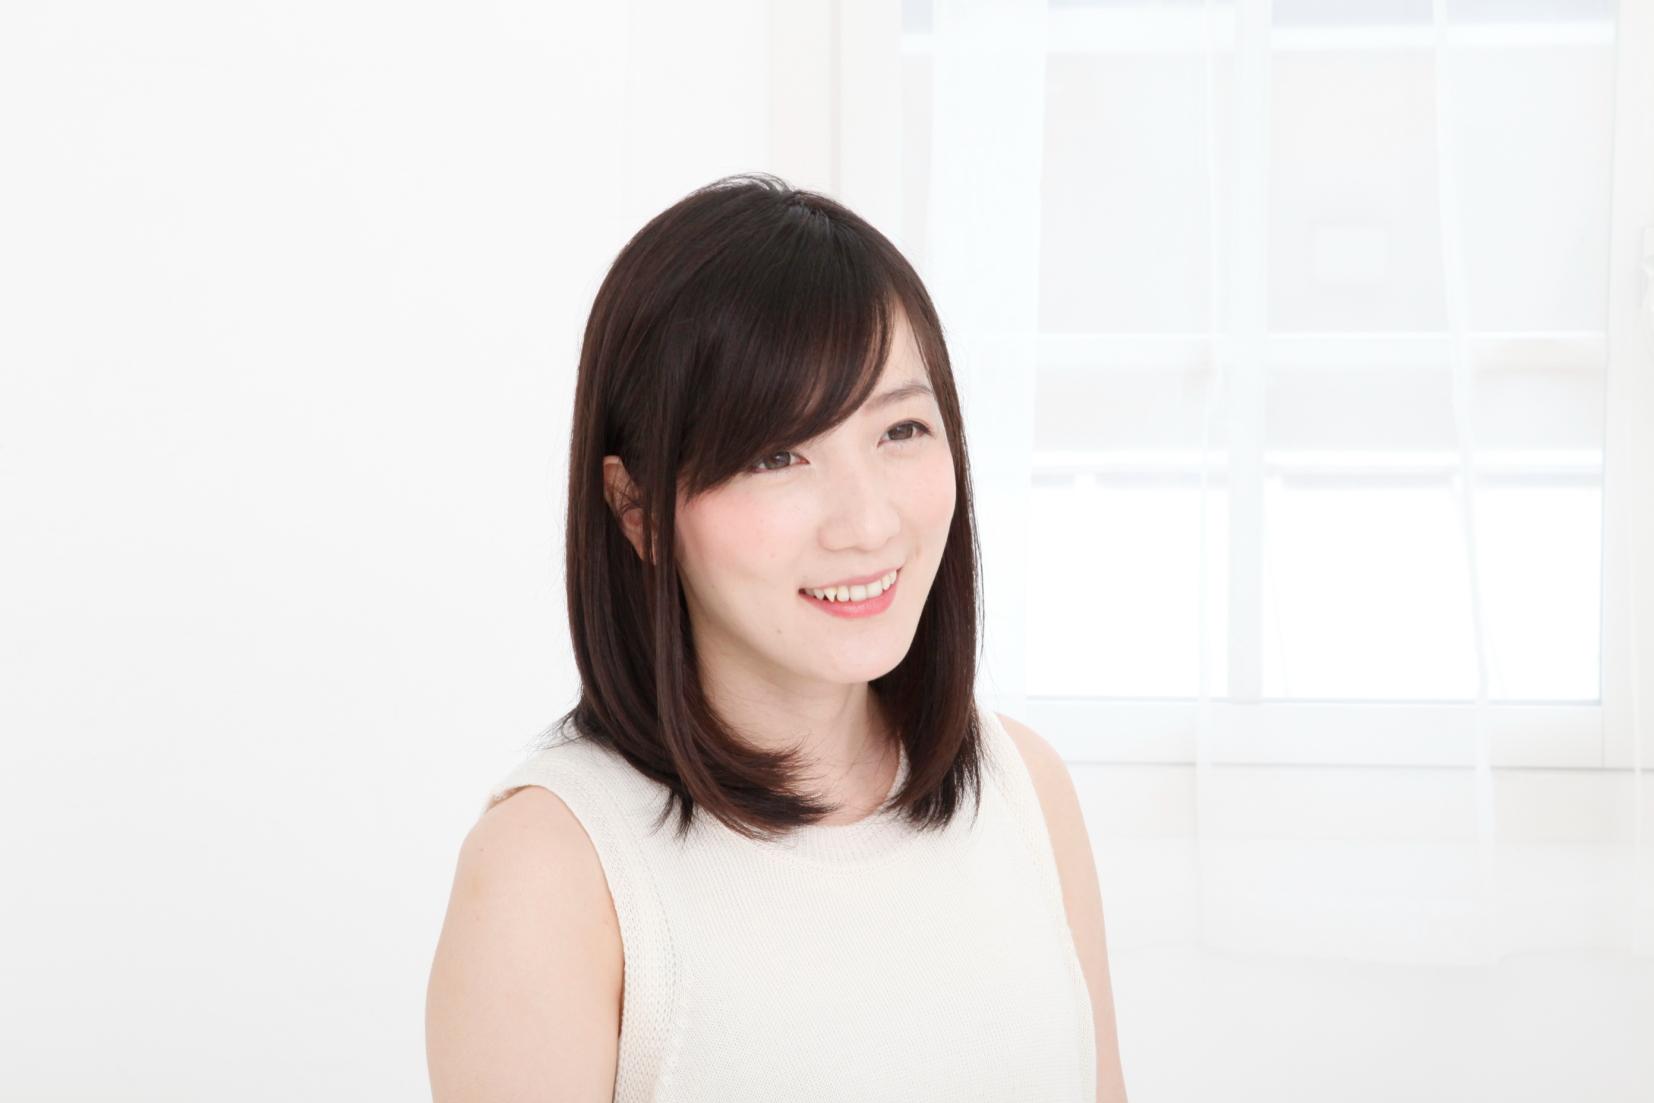 岡田茜さん(anan総研 No.40)